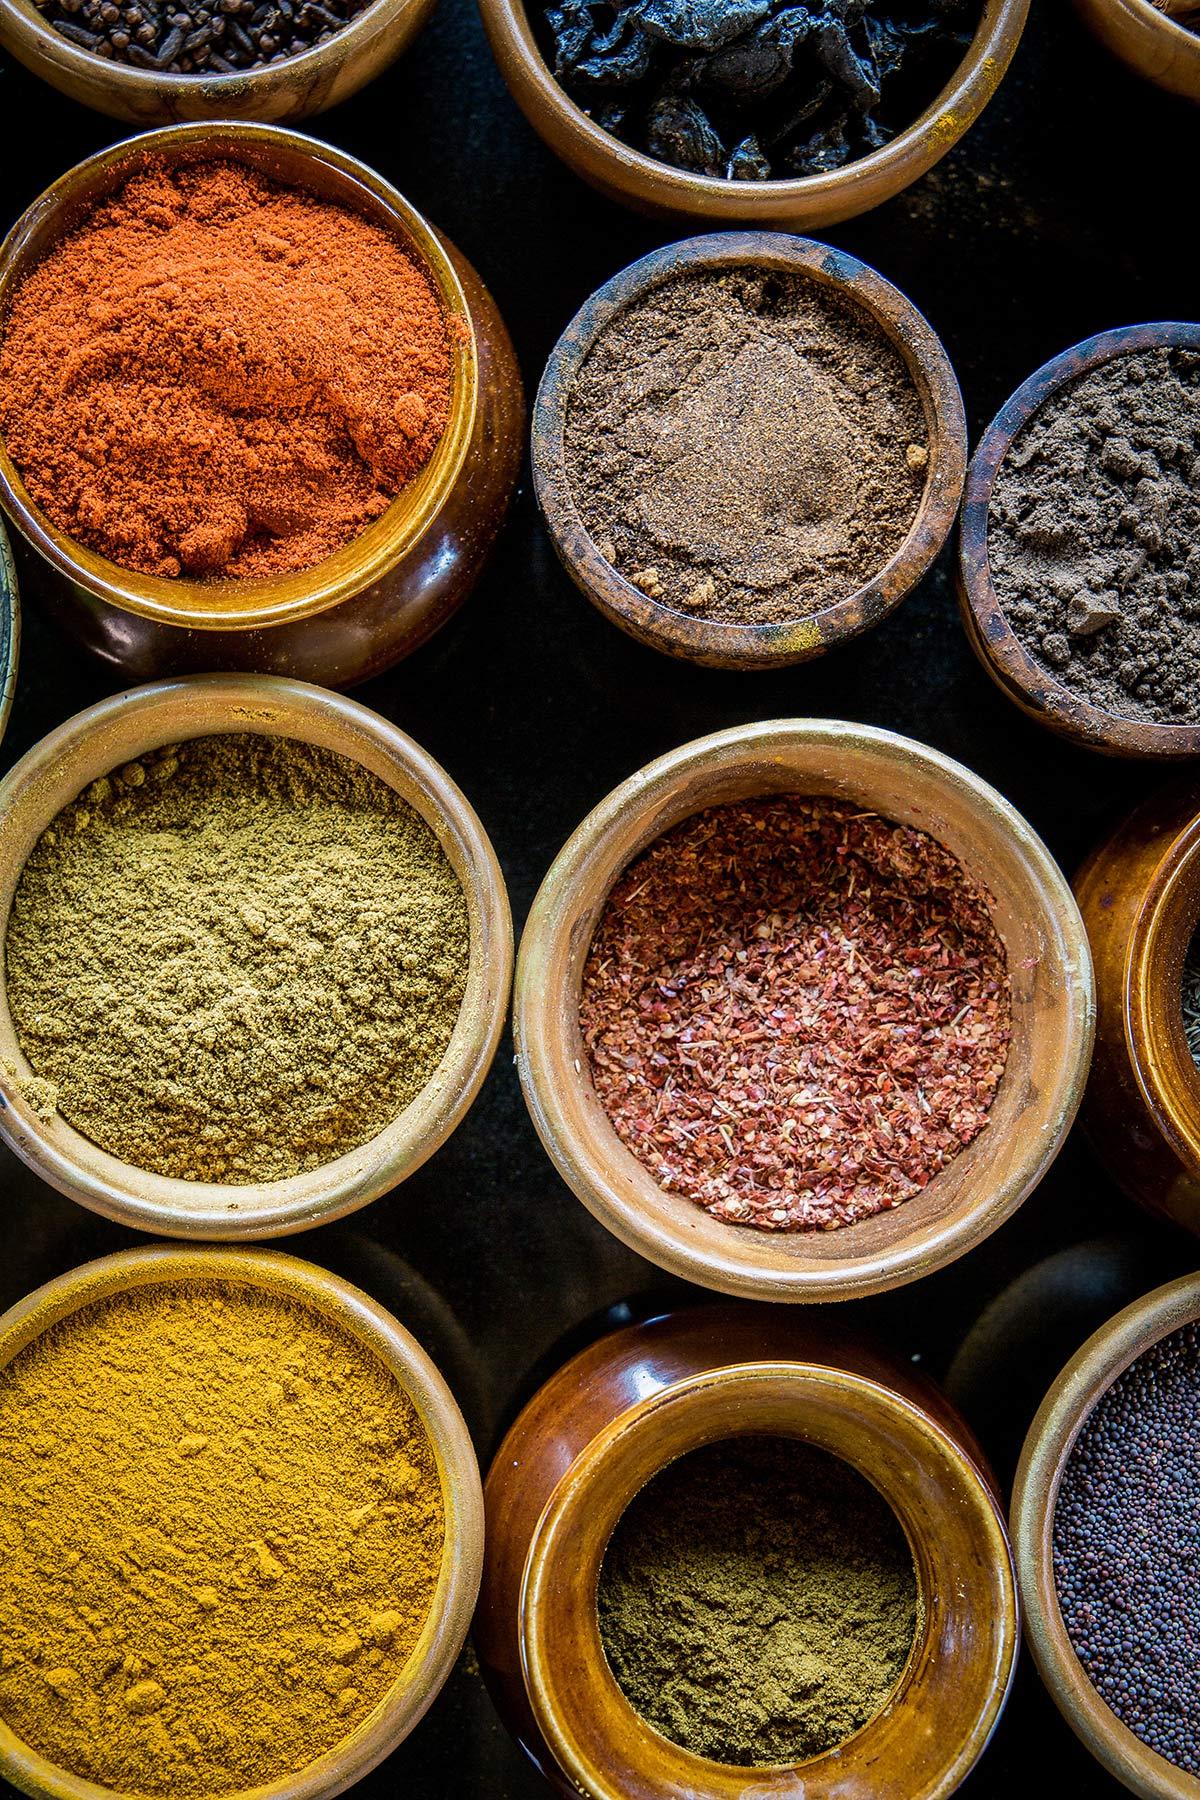 Kochkurs im Spice Spoons im Kalutara Anantara Resort